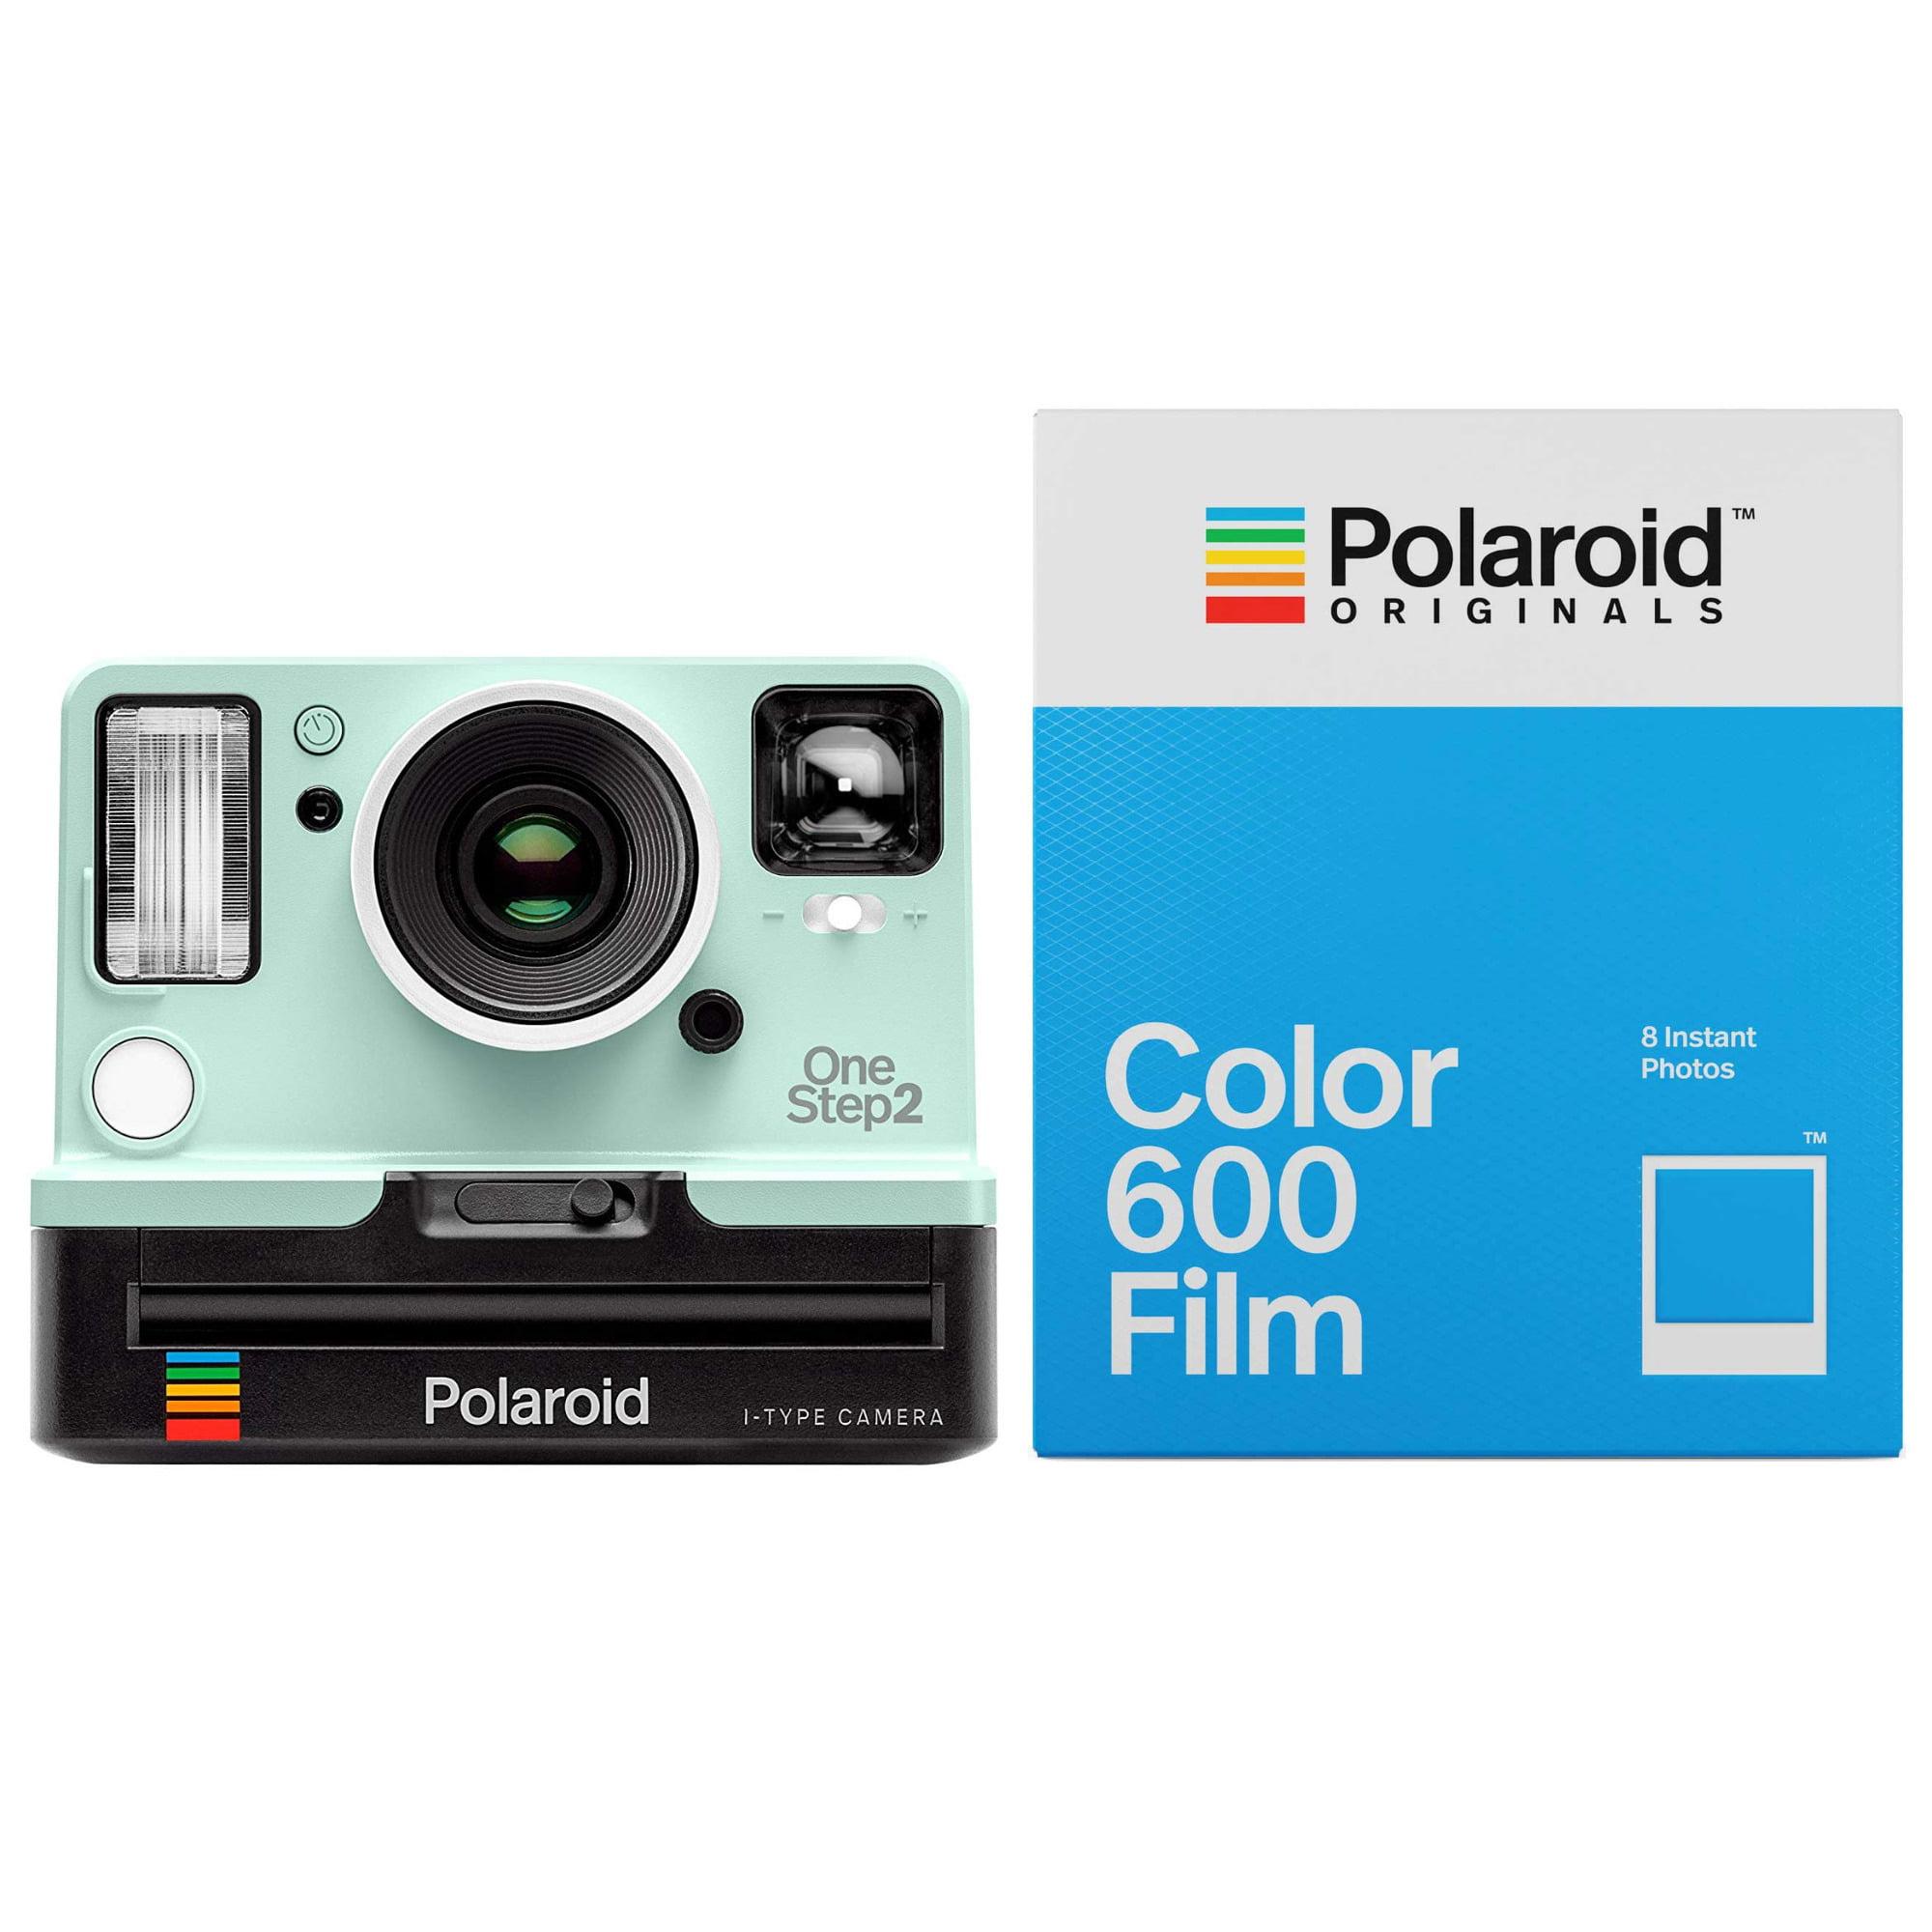 40ff60dd6b Polaroid Originals 9007 OneStep 2 VF Instant Camera (Mint) and Color 600  Film - Walmart.com